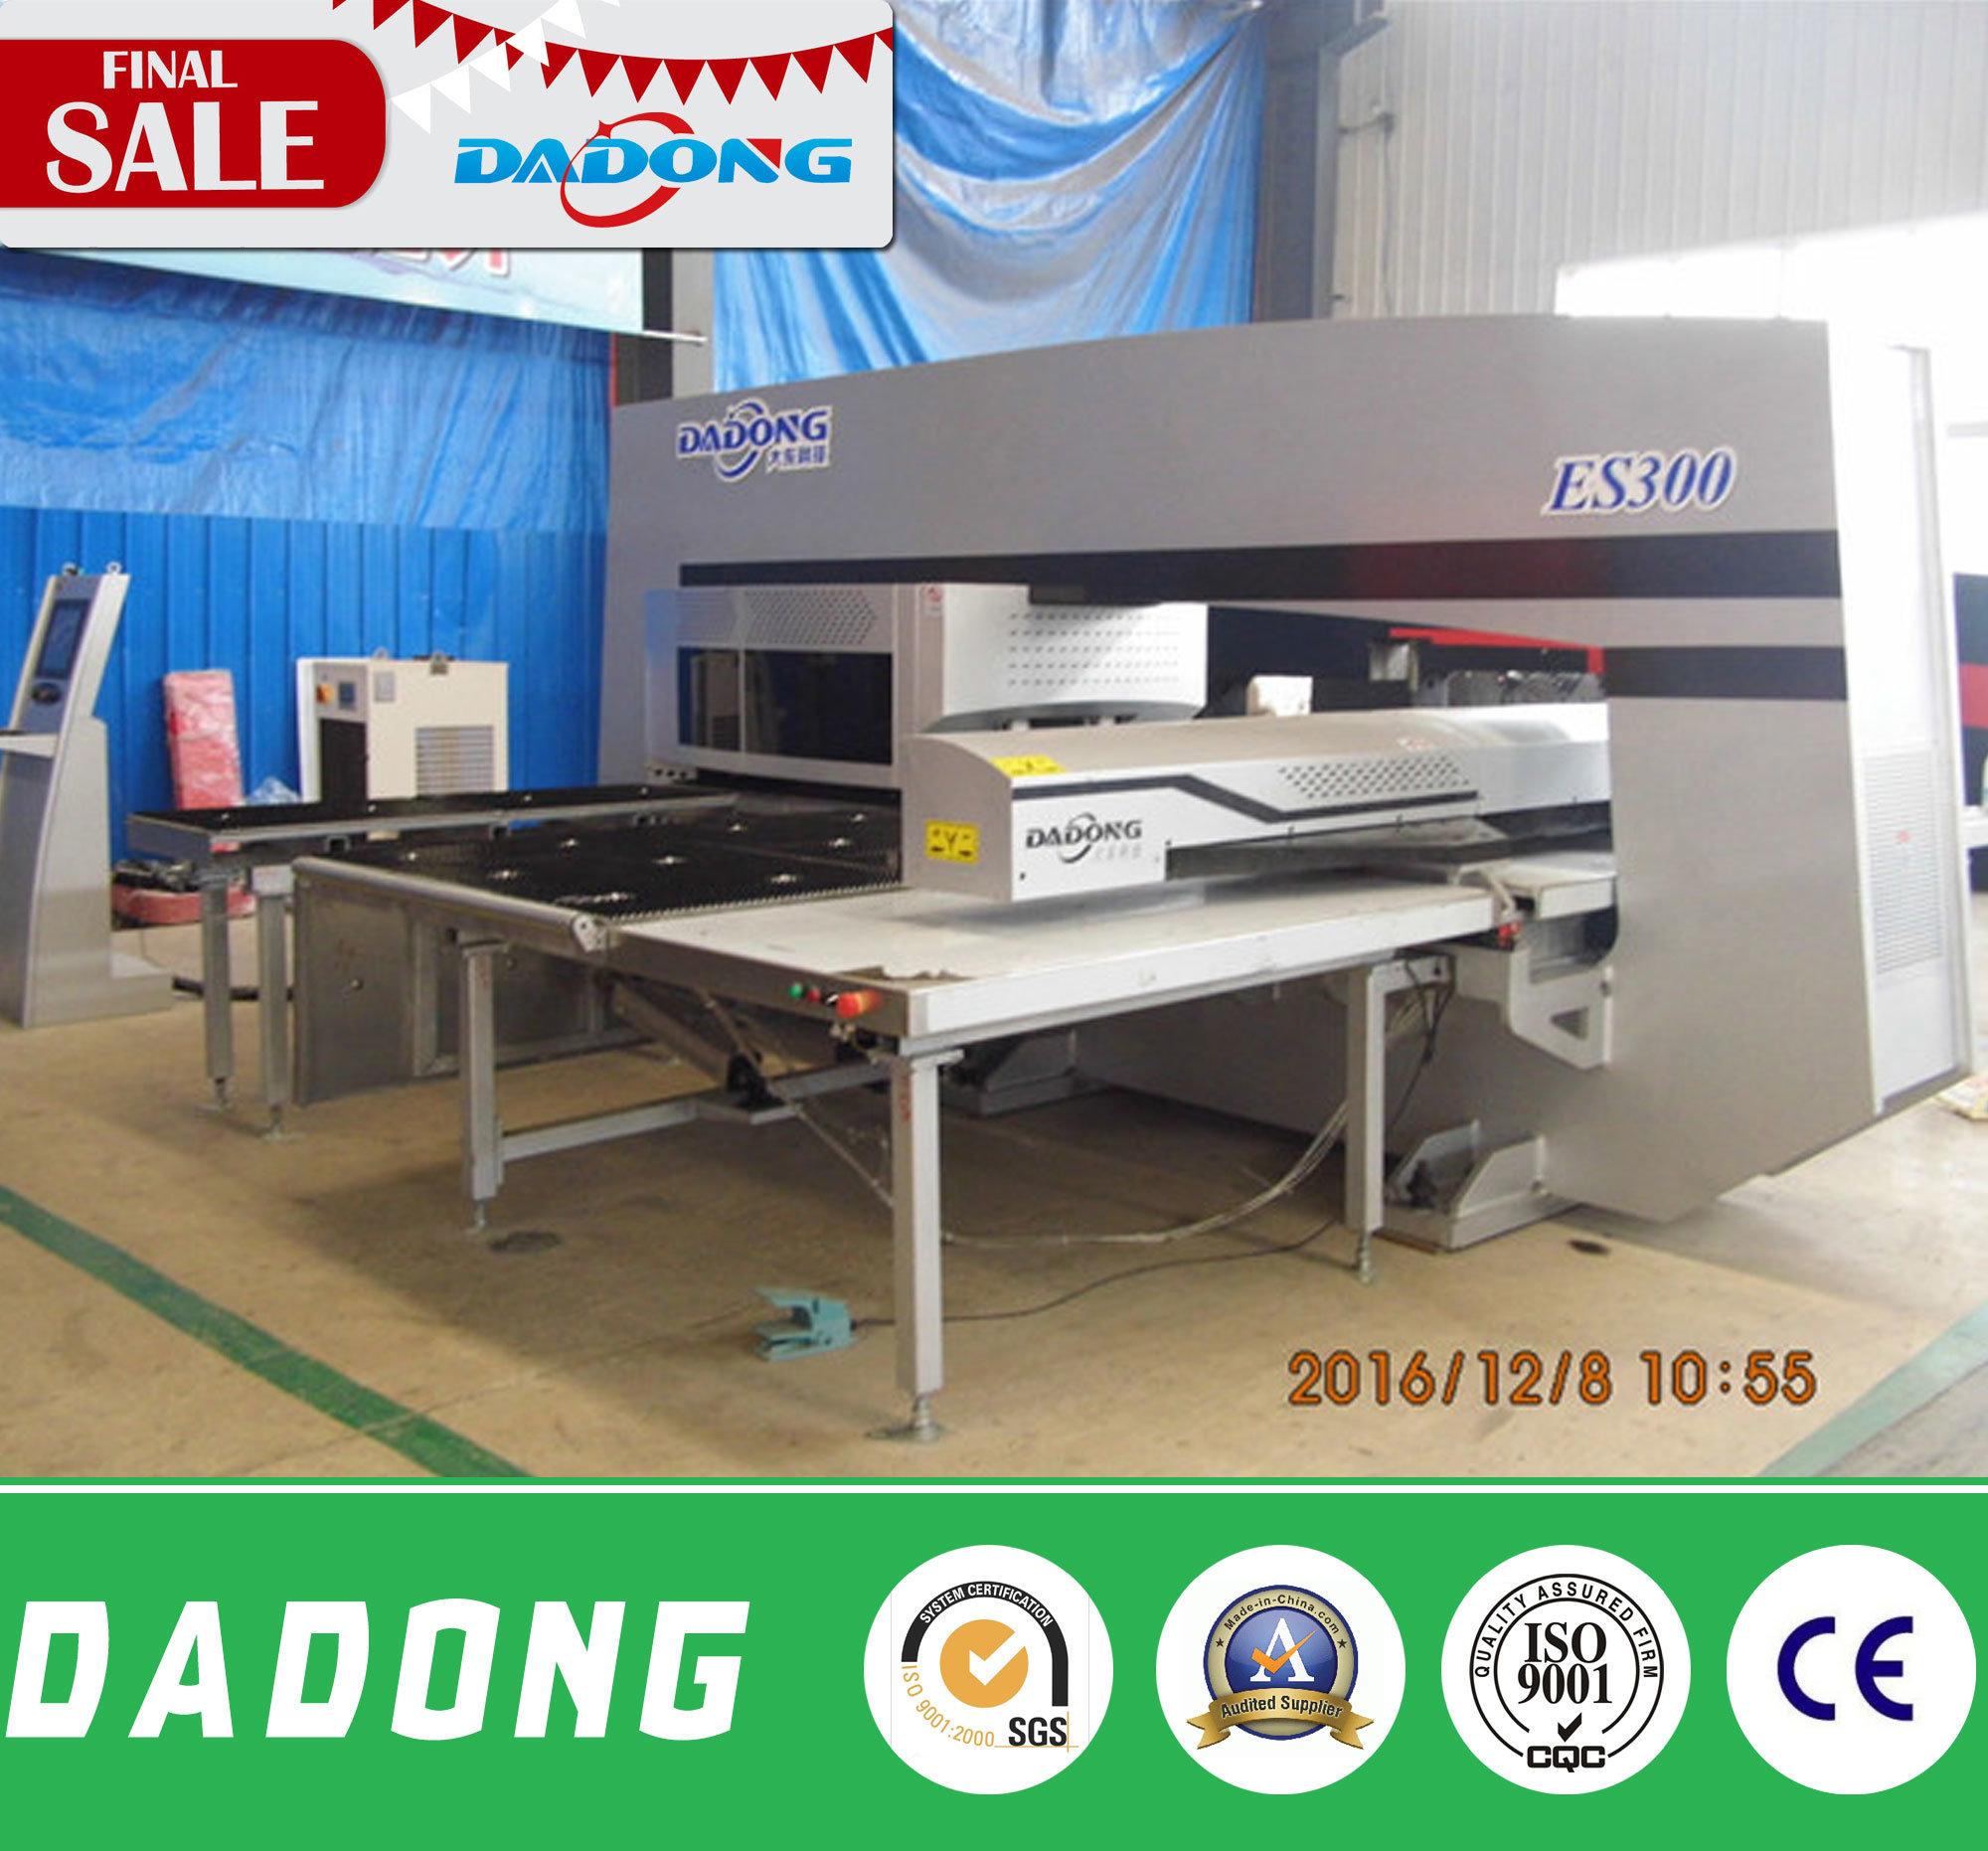 ES300 CNC Turret Punching Machine for Sheet Metal Plate Price